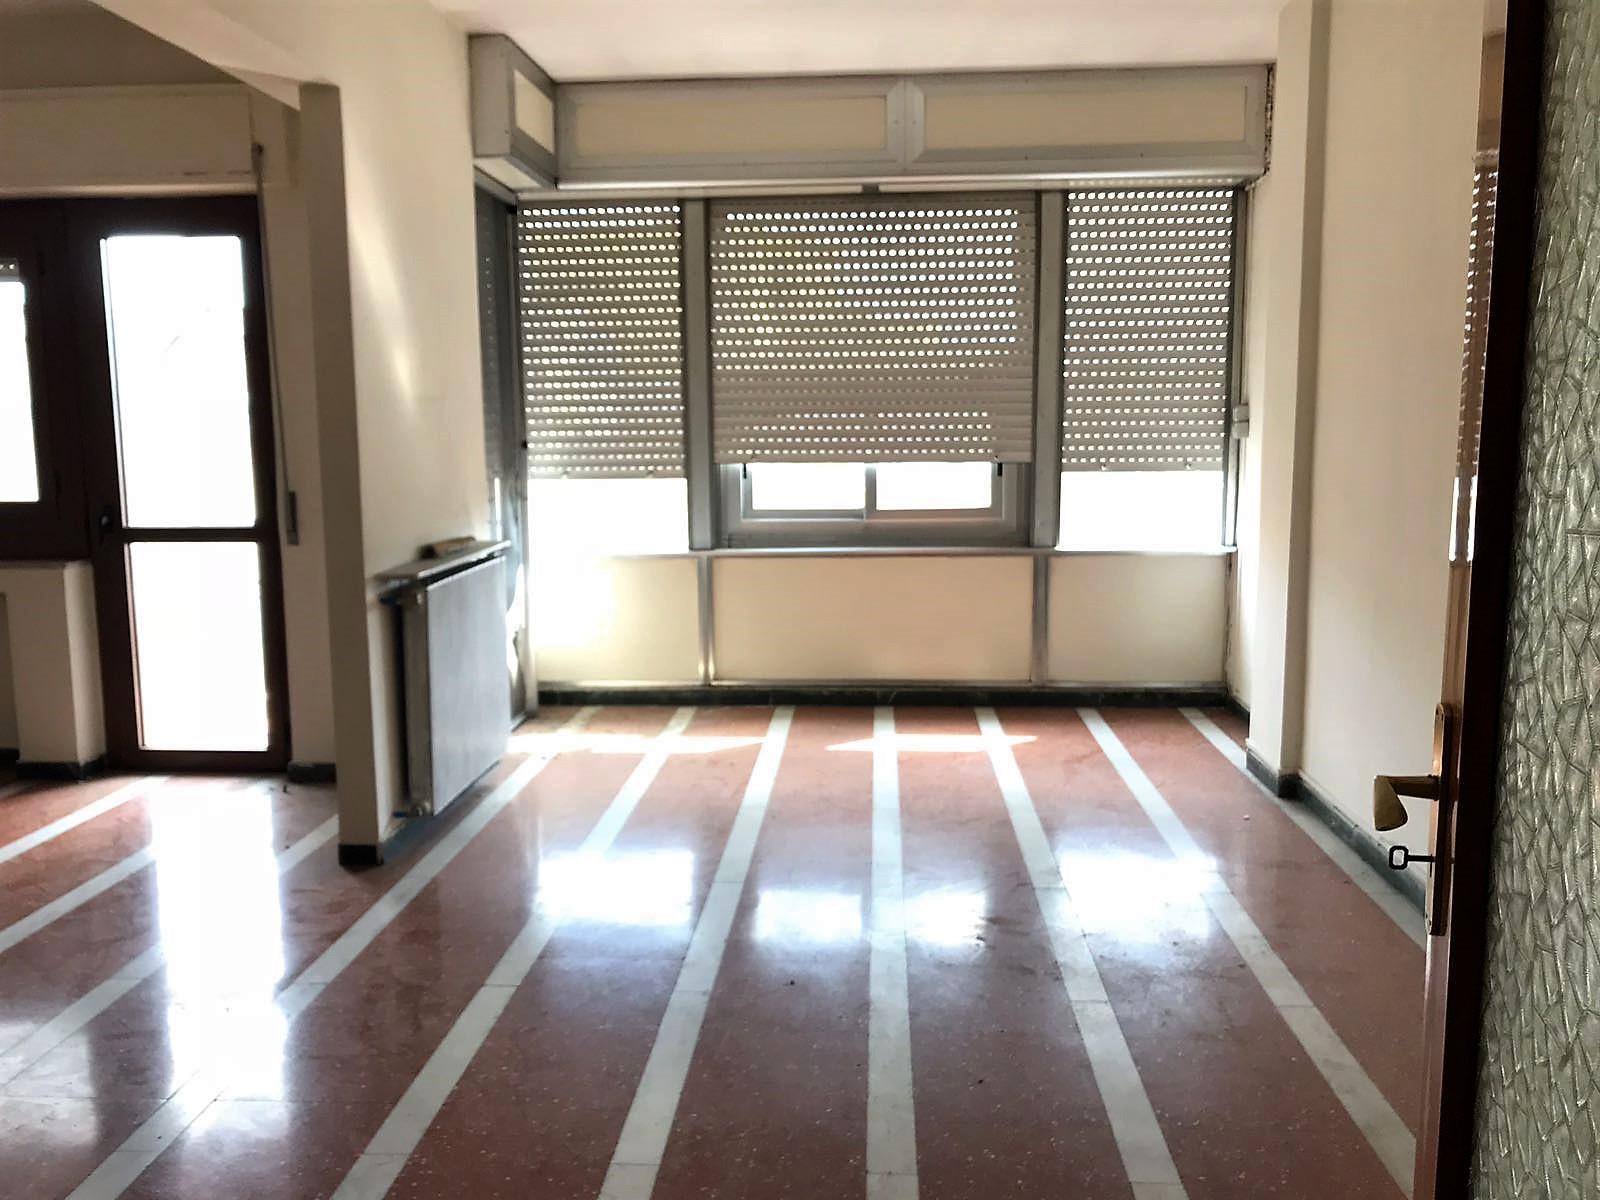 Appartamento in vendita a Benevento, 4 locali, zona Località: CENTROSTORICO, prezzo € 175.000 | CambioCasa.it